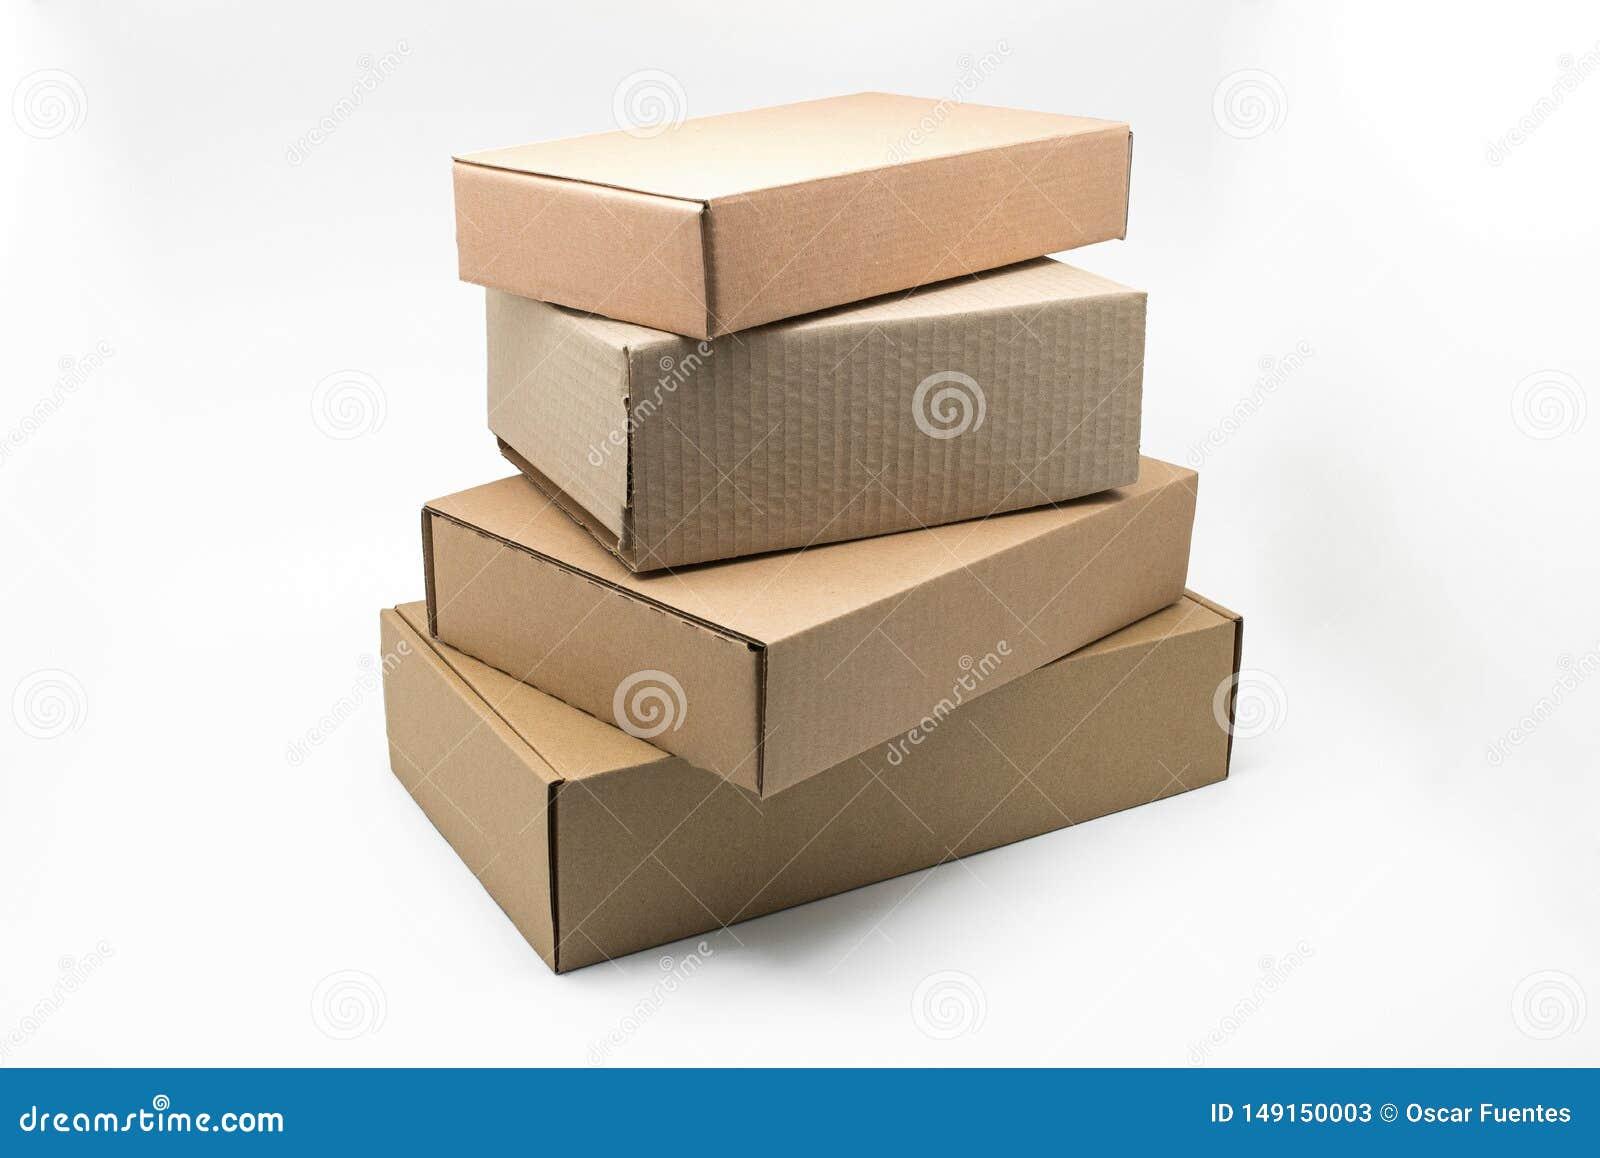 Scatole impilate di cartone marrone su un fondo bianco, materiale riciclabile